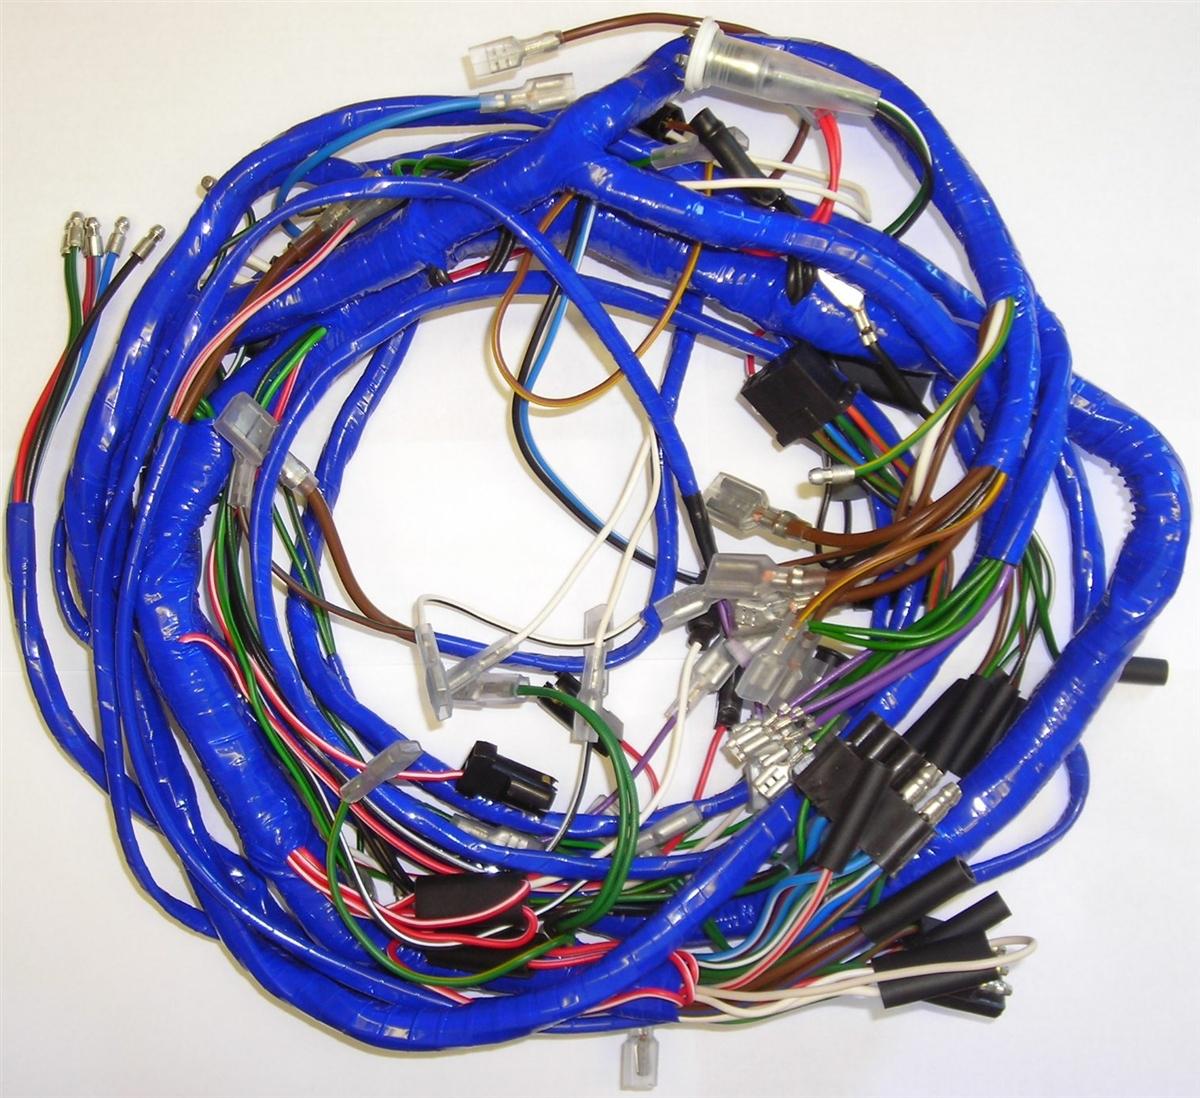 Austin Healey Sprite & MG Midget Main Wiring HarnessBritish Wiring